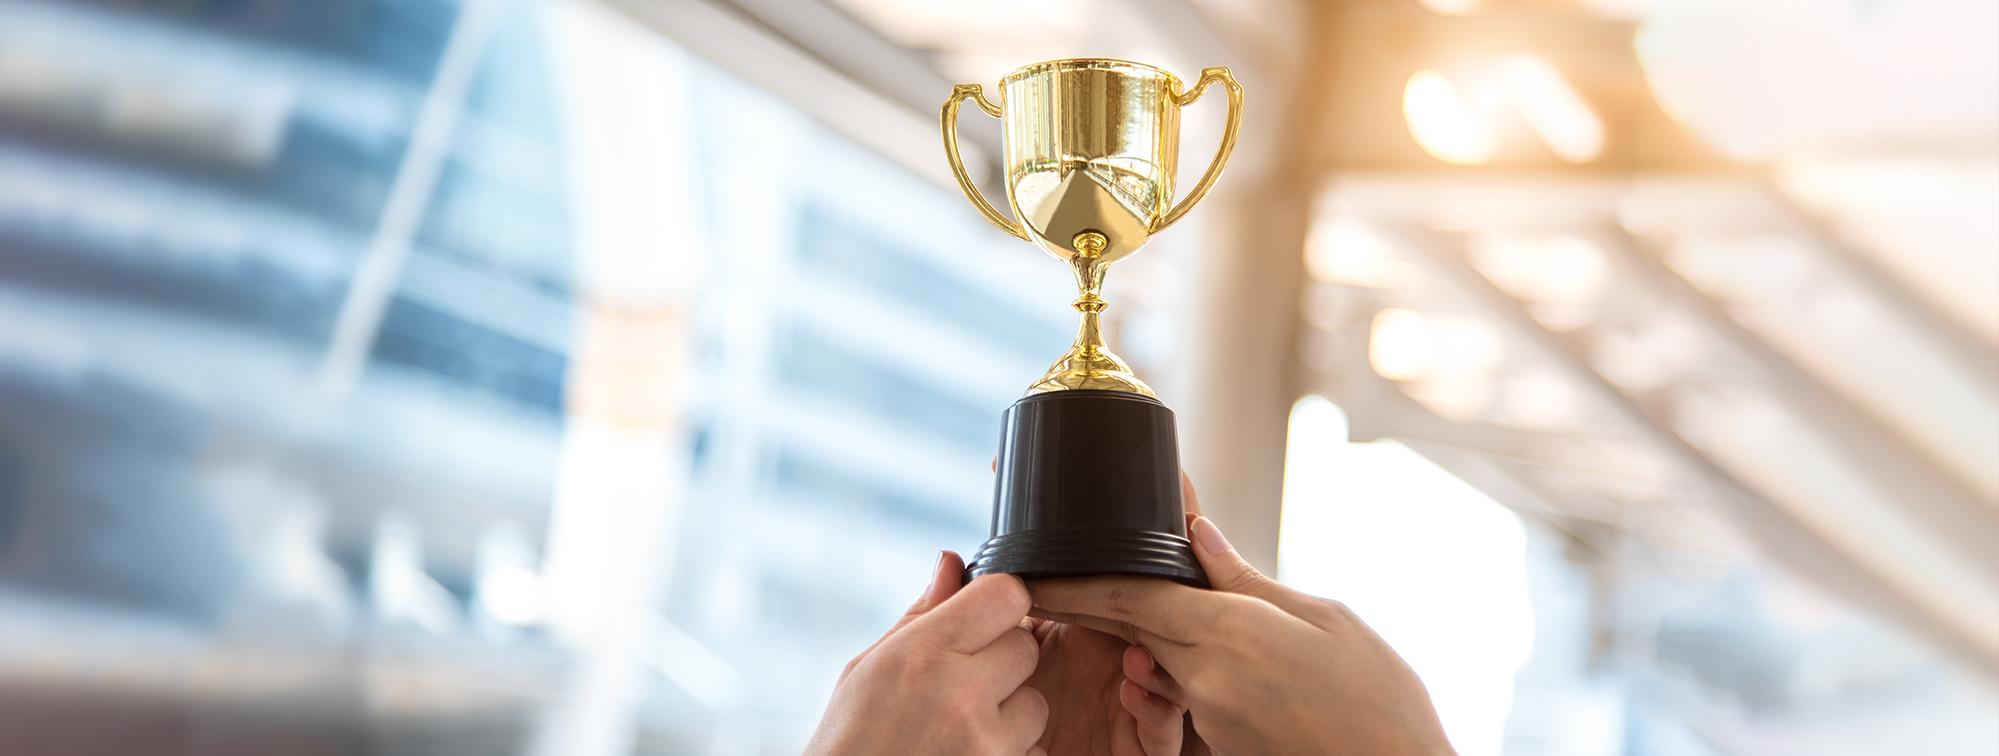 Top-Experten 2019: Der Branchen-Check